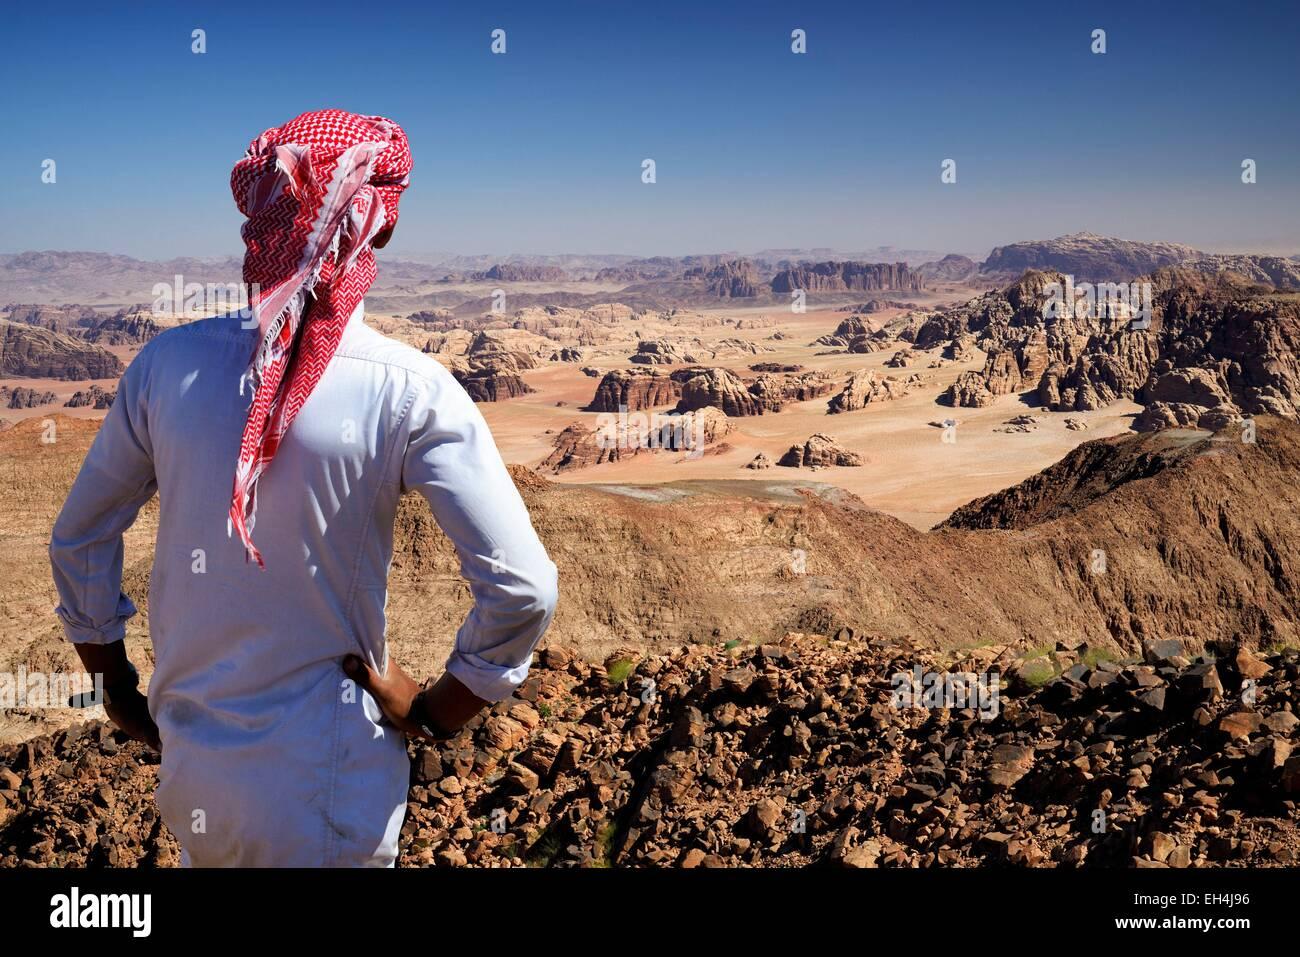 Jordania, Wadi Rum desert, frontera con Arabia Saudita, beduinos y vista desde la cumbre de Jabal Umm Adaami (1832m), Imagen De Stock